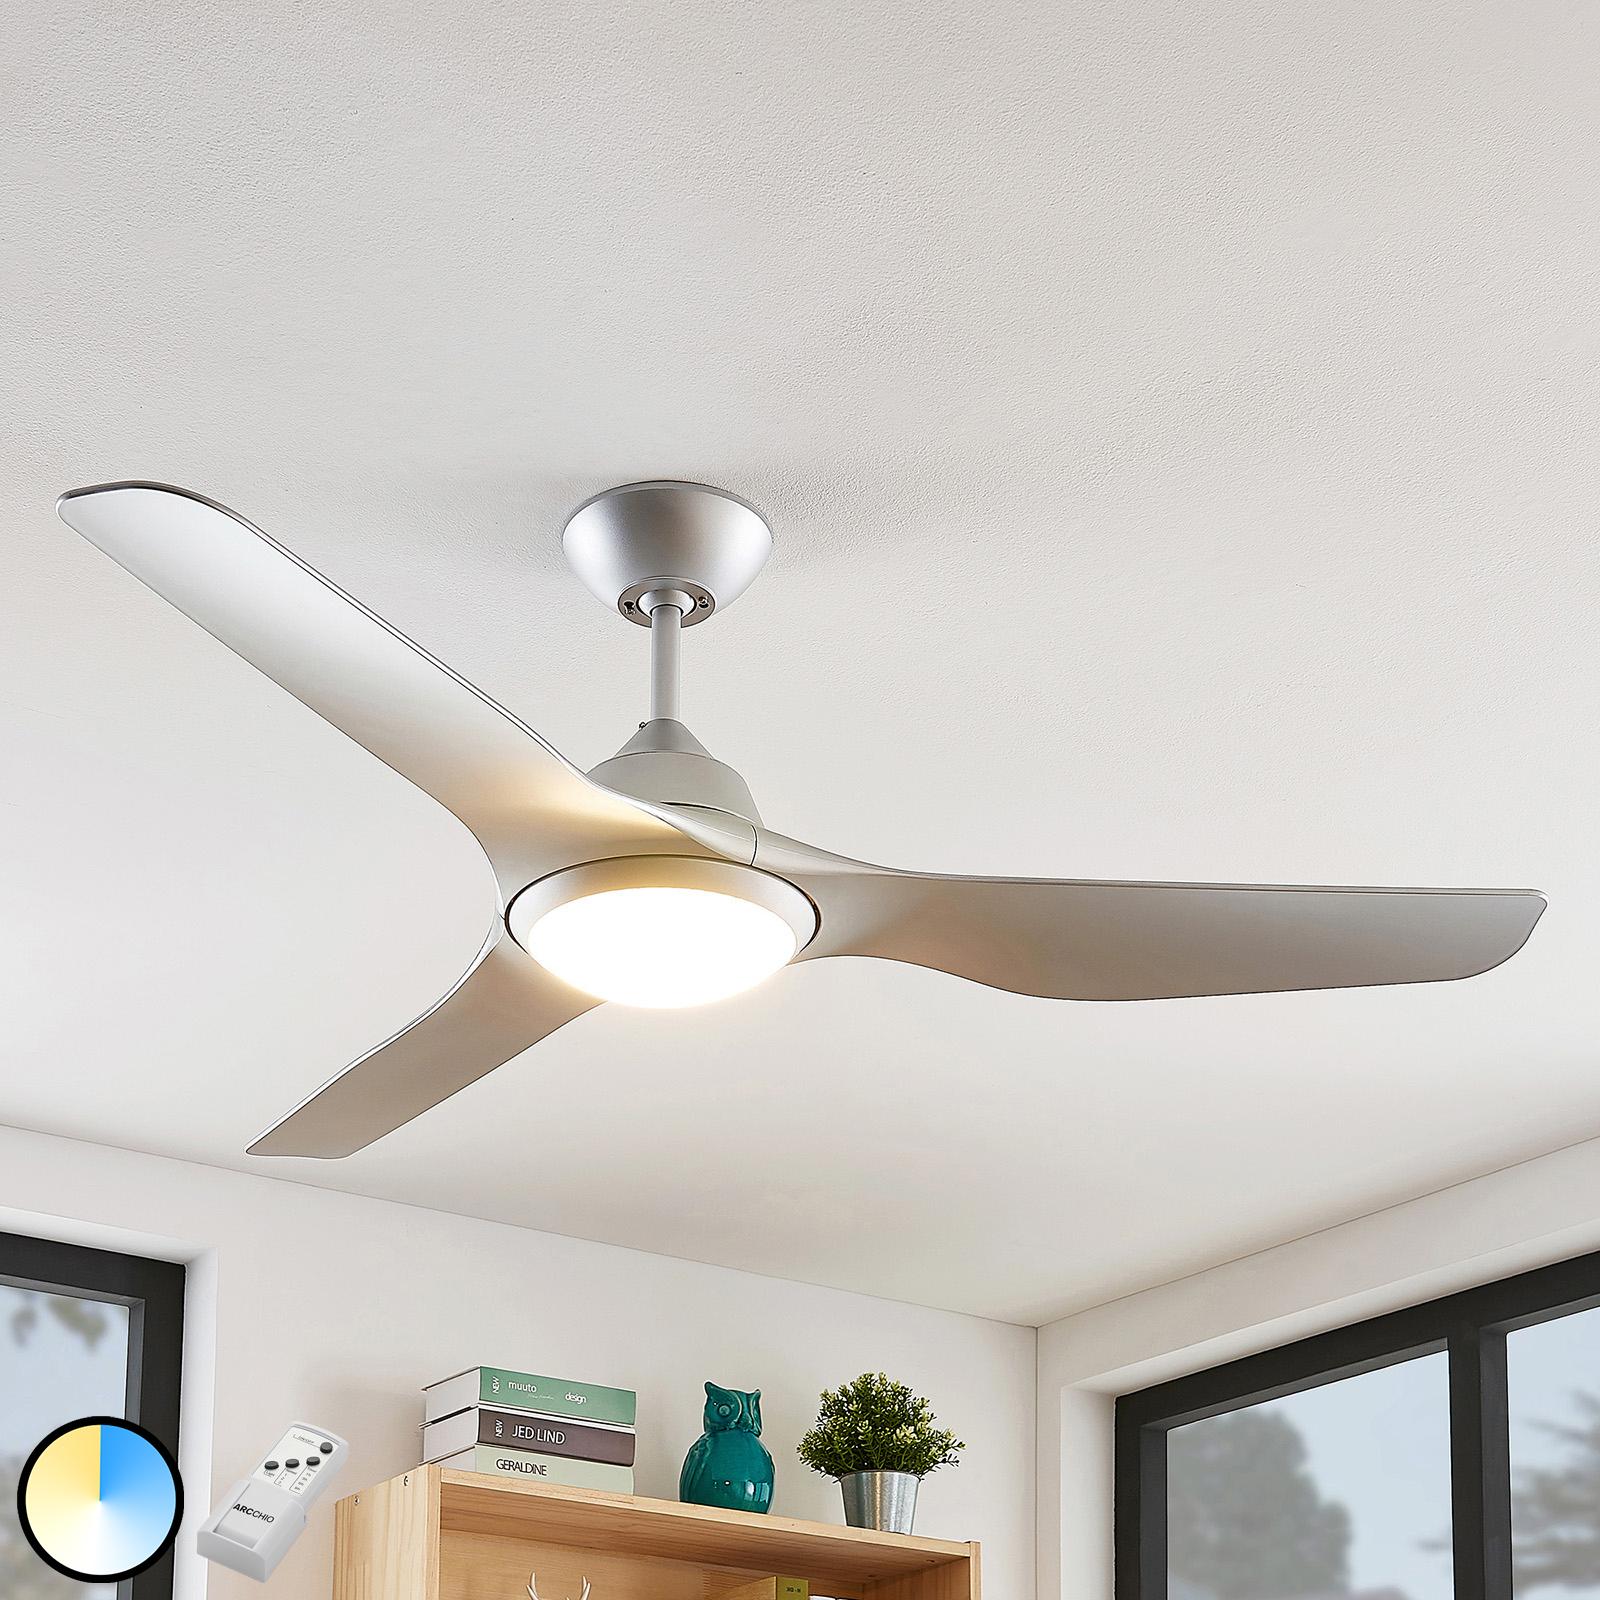 Arcchio Pira ventilador de techo LED 3 palas plata